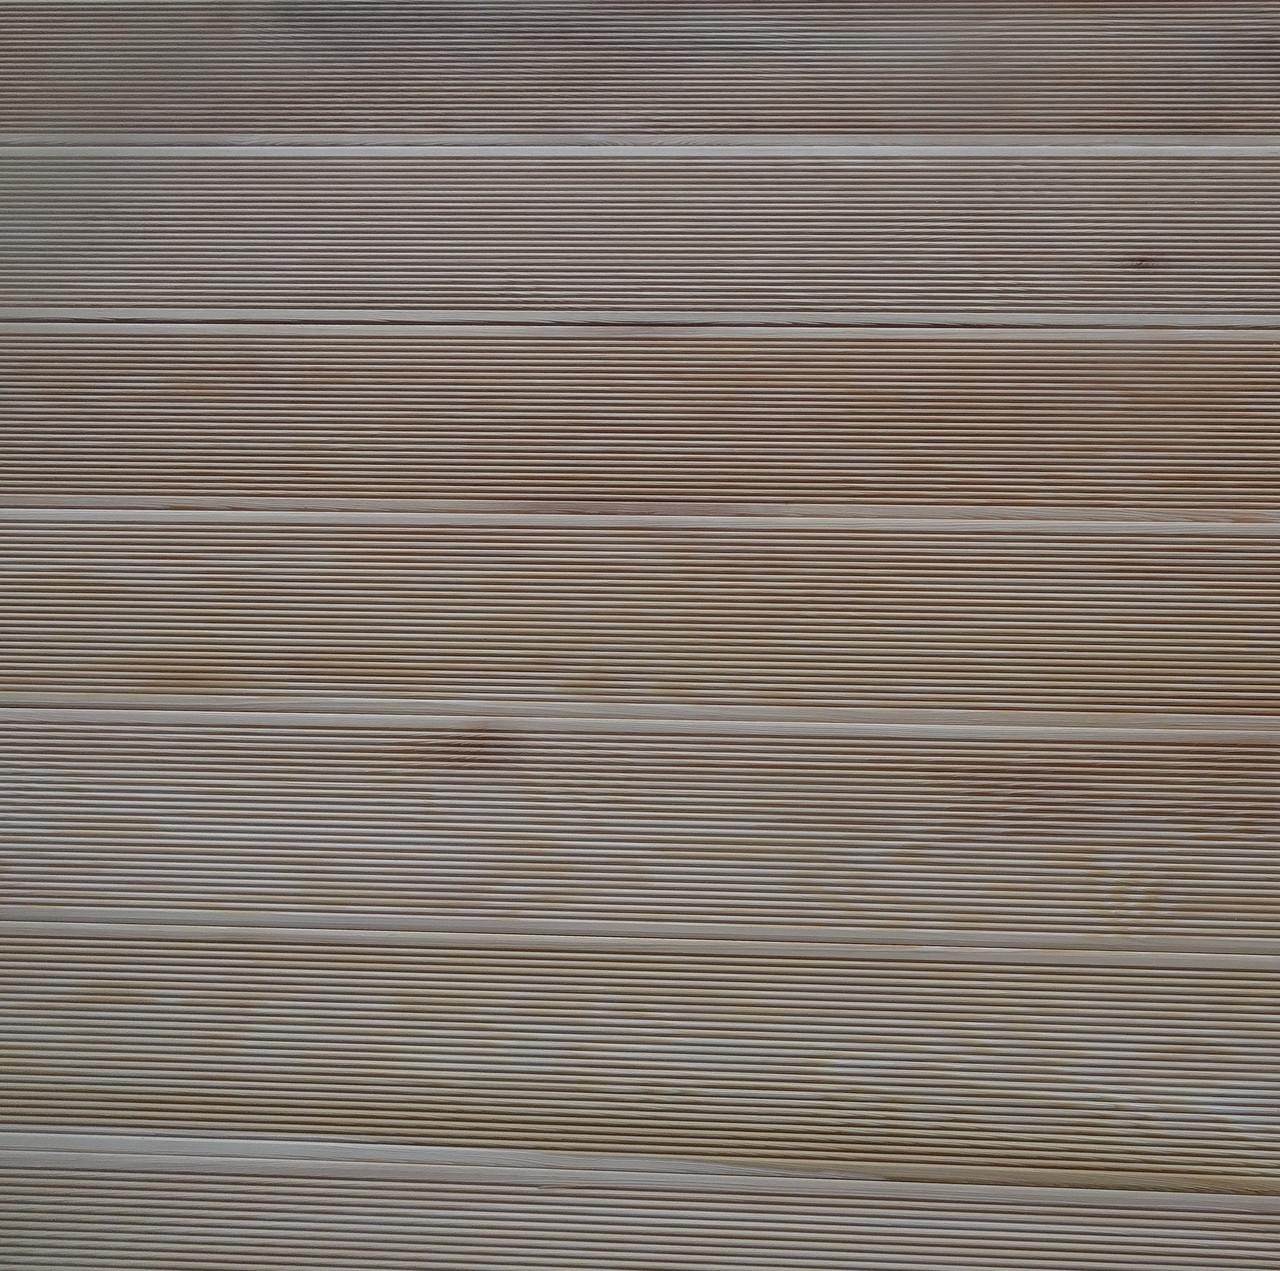 Террасная доска Лиственница Сибирская 27х140 Высший сорт